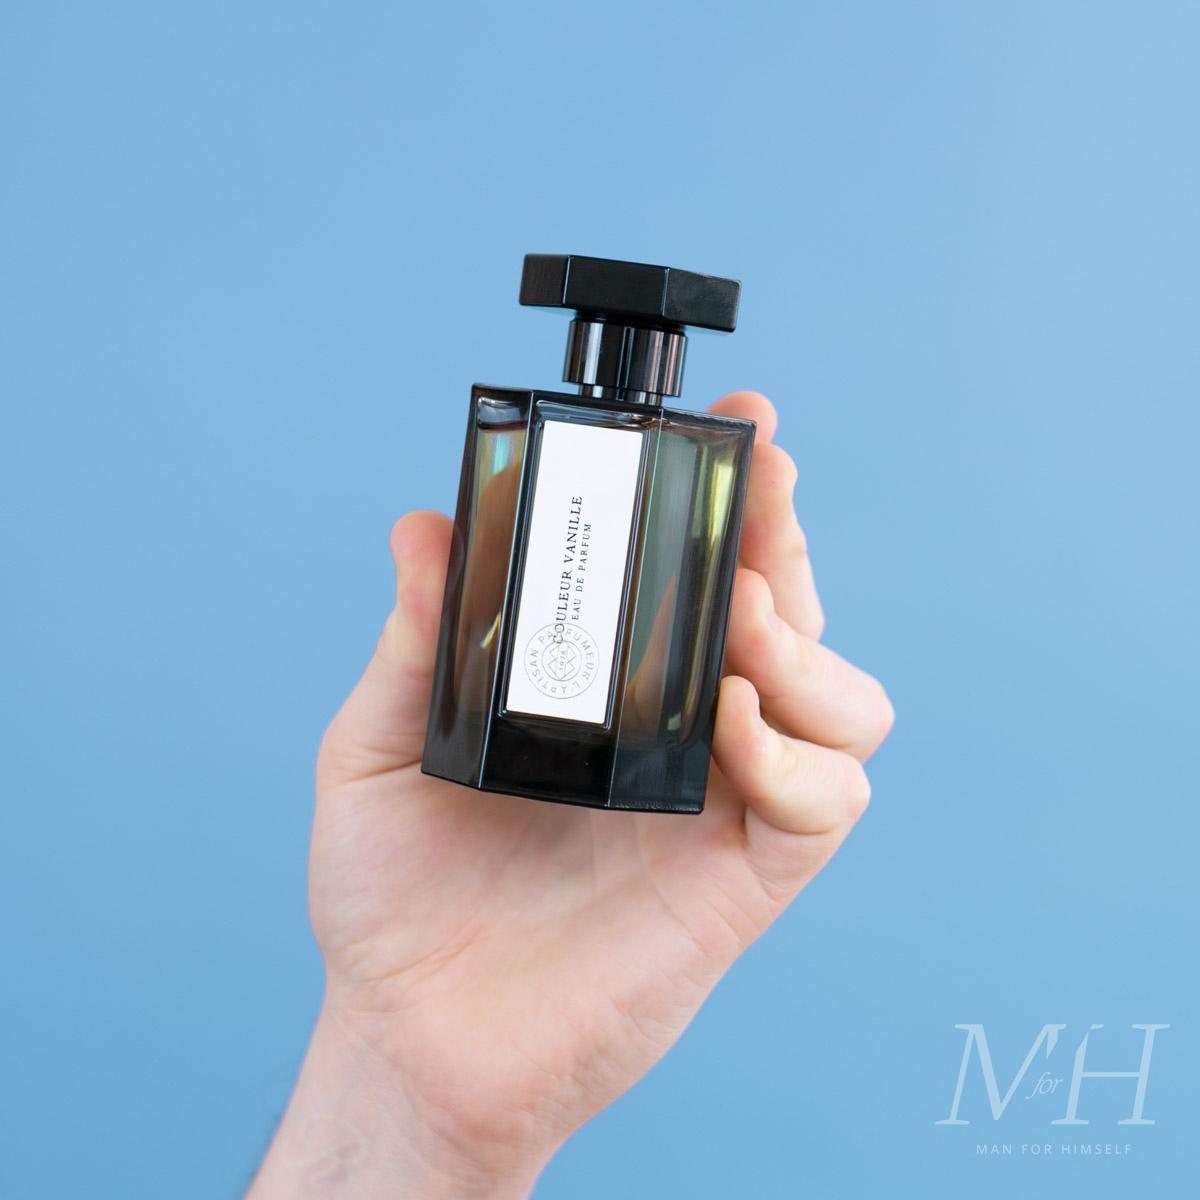 Couleur-Vanille-L'Artisan-Parfumeur-Review-Man-For-Himself-2